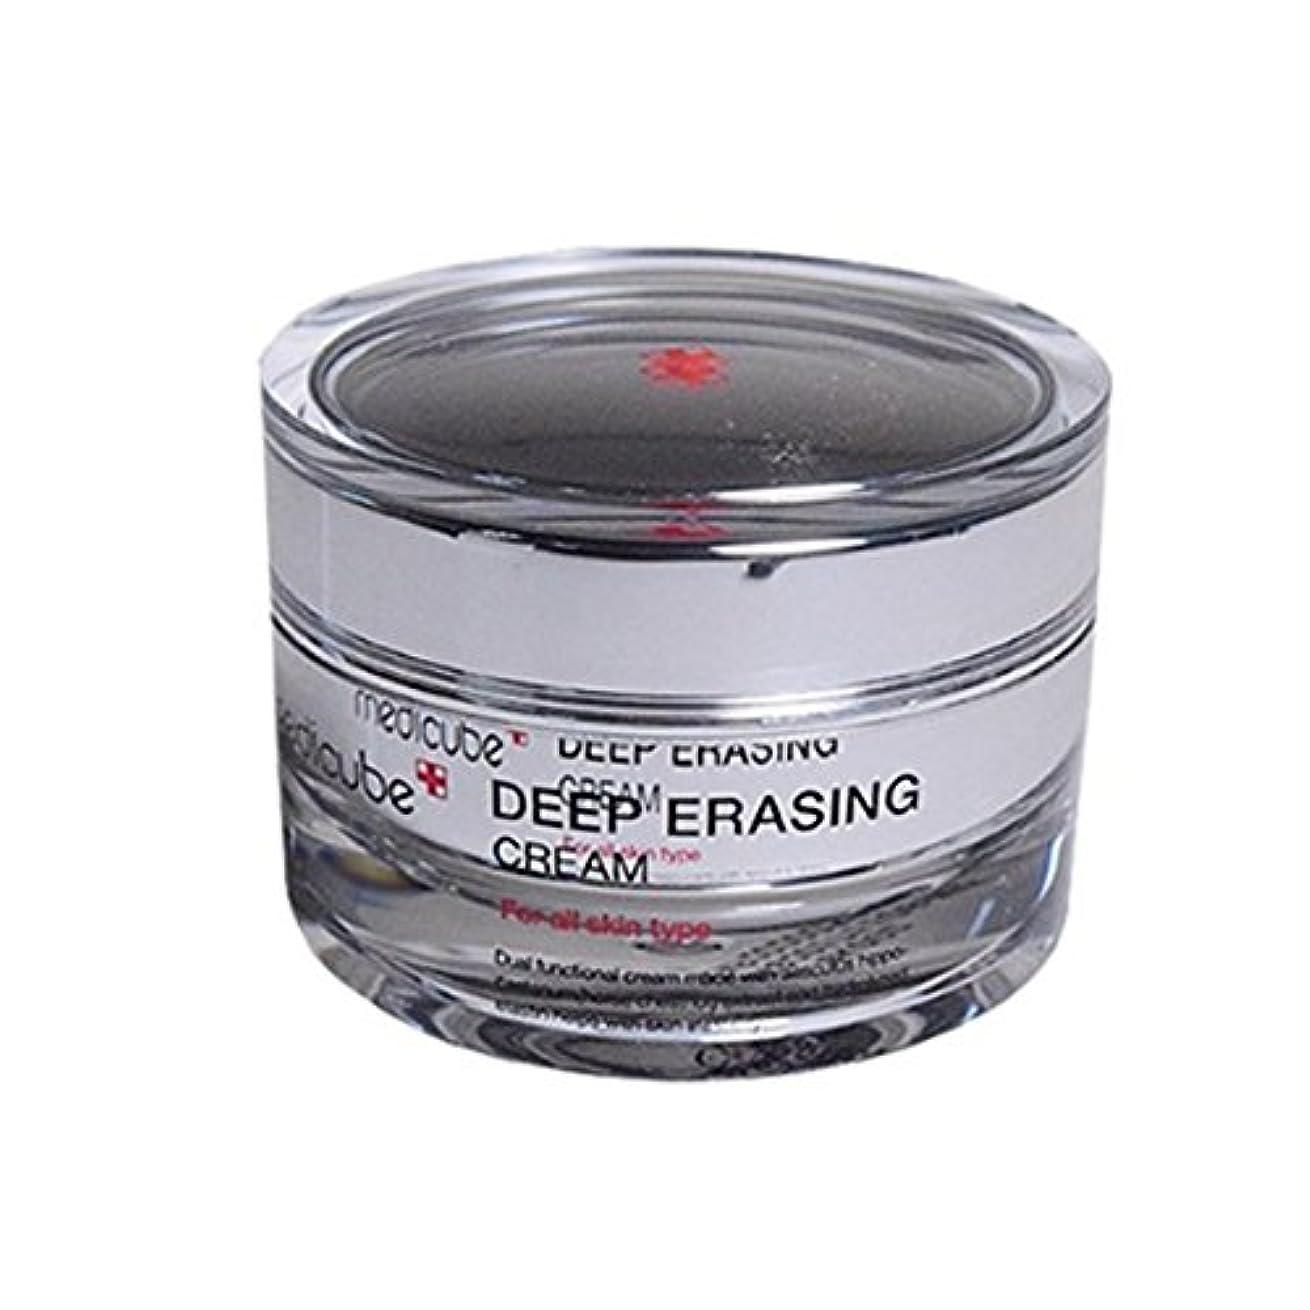 無意味満員オピエートメディキューブ?ディップイレイジンクリーム50ml、Medicube Deep Erasing Cream 50ml [並行輸入品]